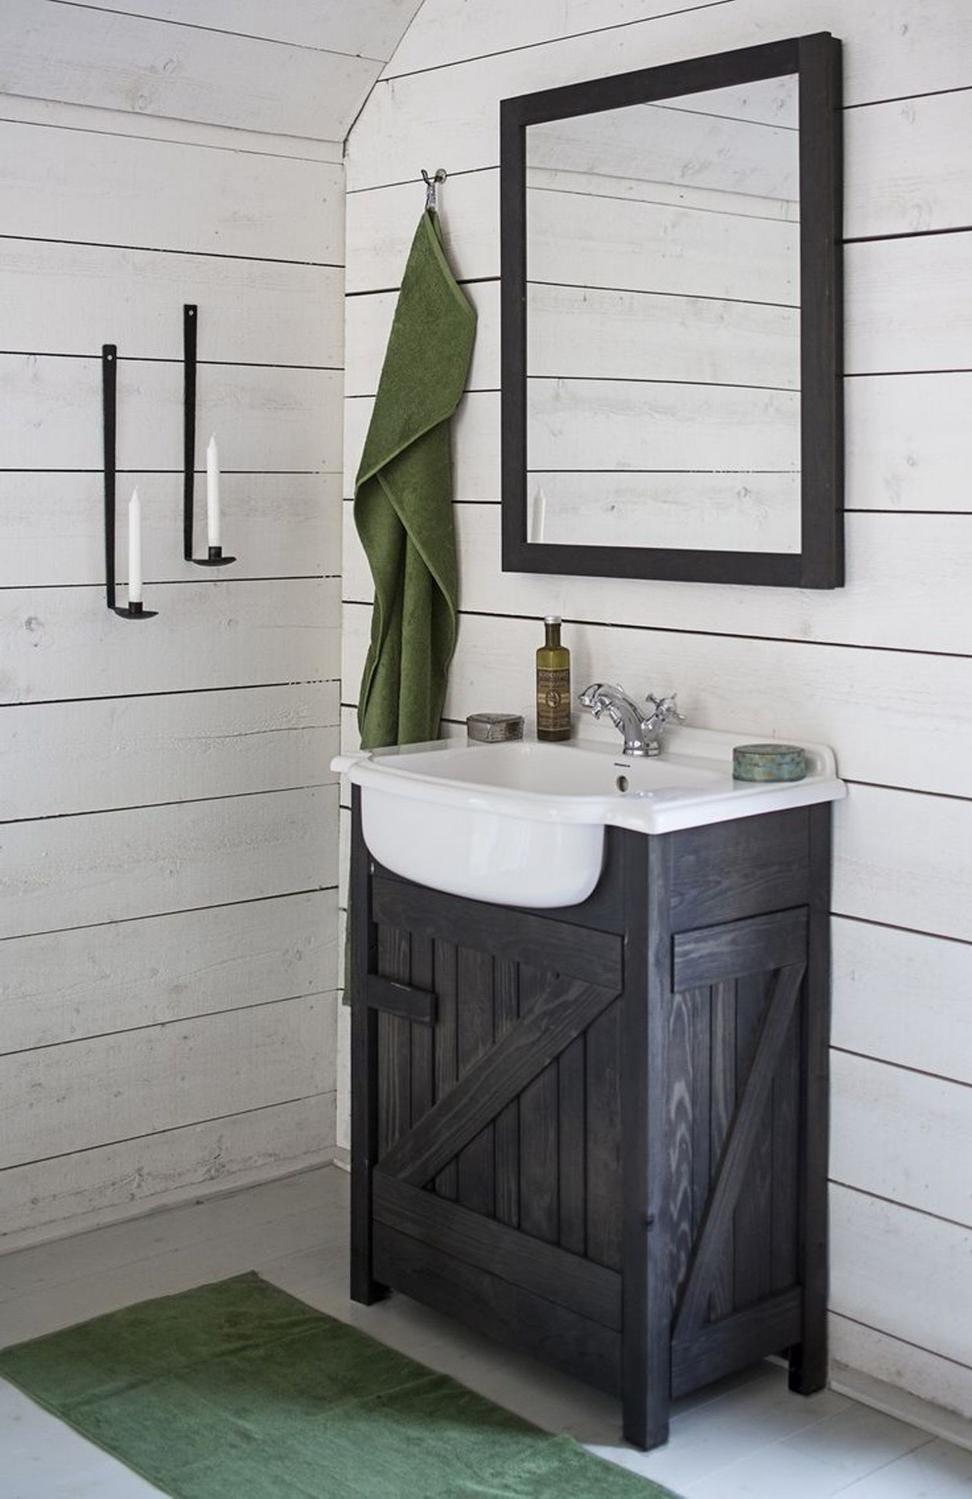 Rustic Bathroom Mirror Ideas